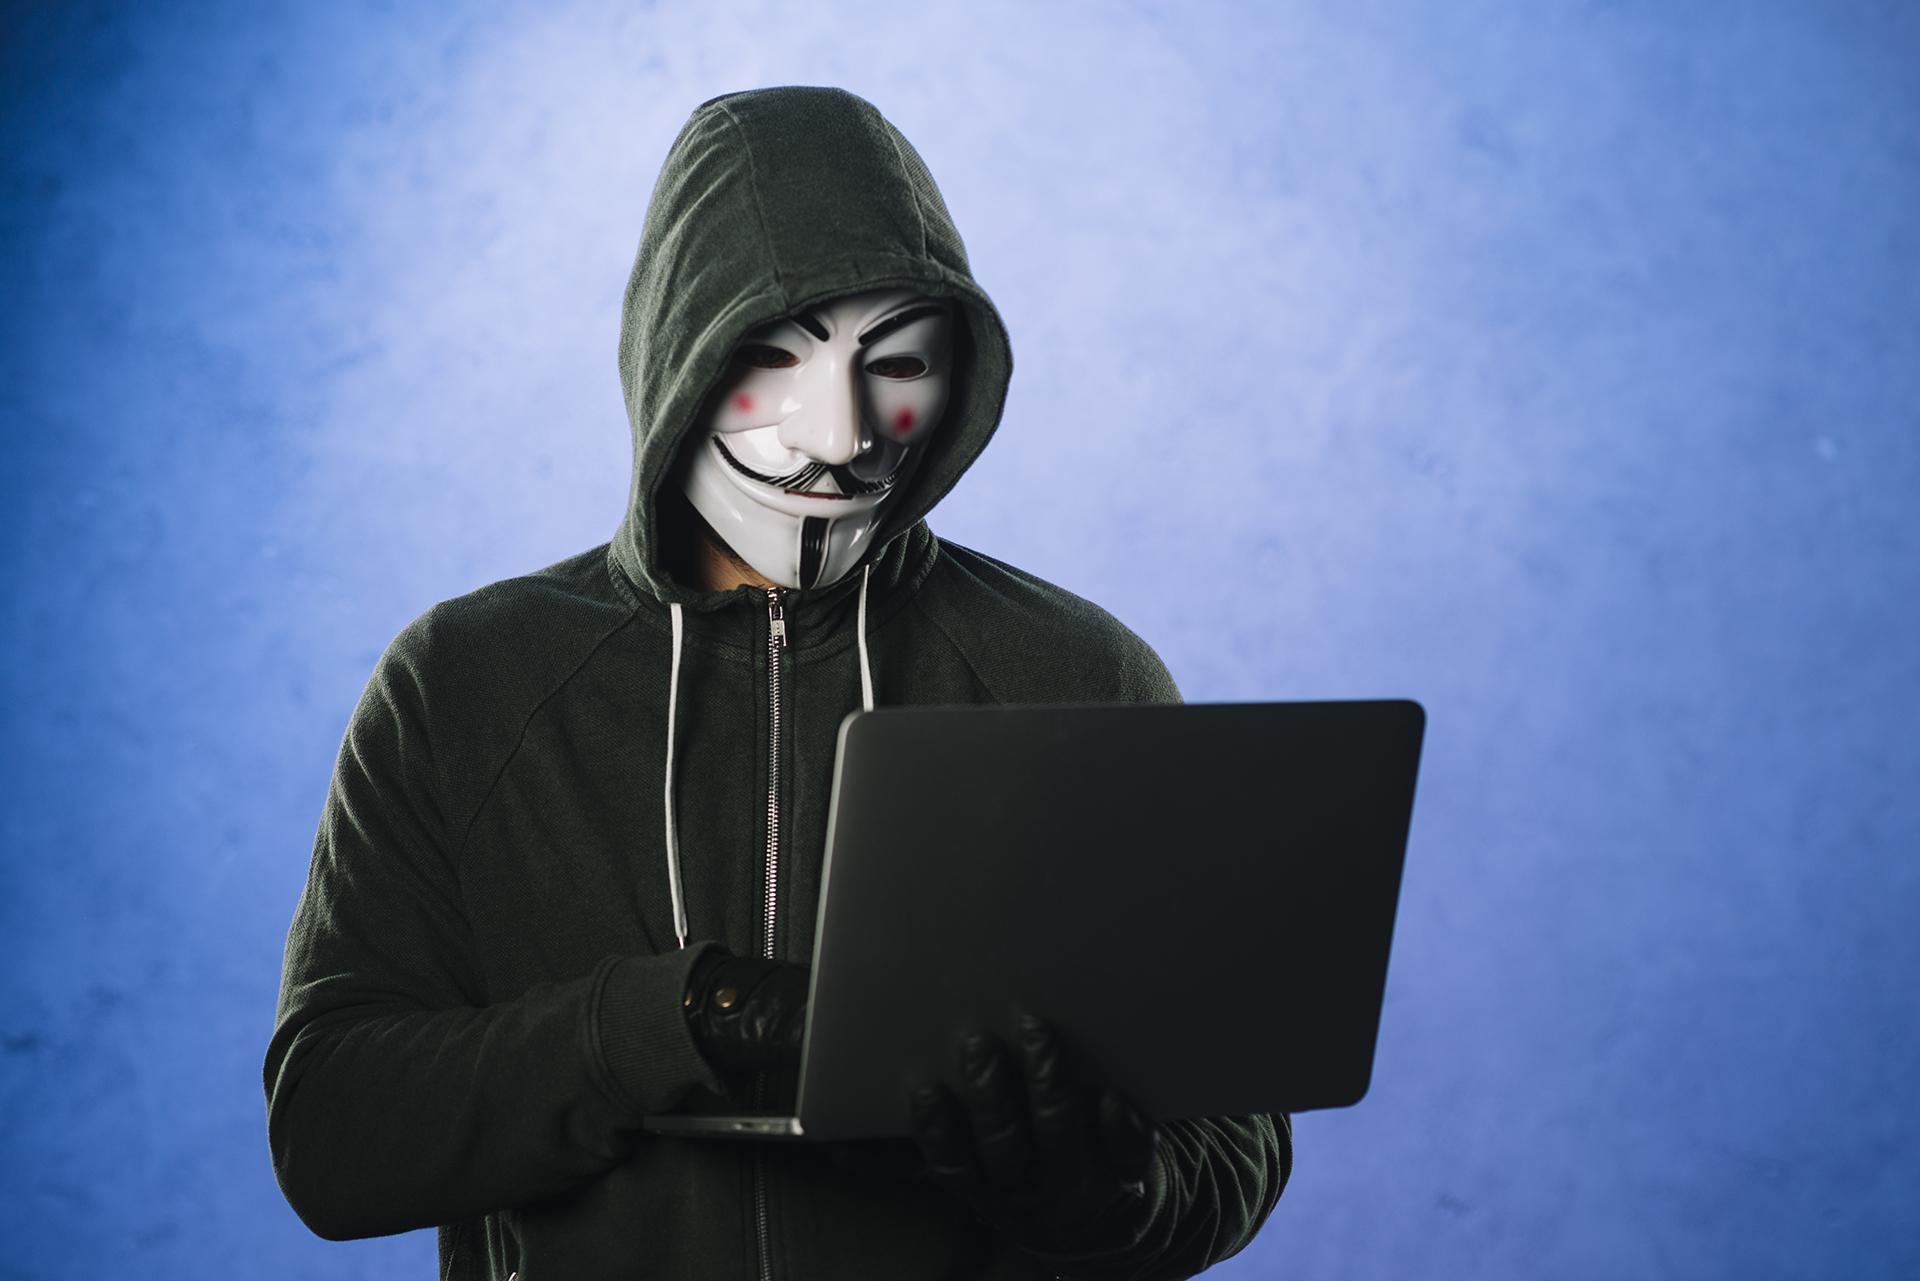 Obrázek: Uniklo vaše heslo na veřejnost? Online nástroj zjistí, zda jste obětí úniku dat